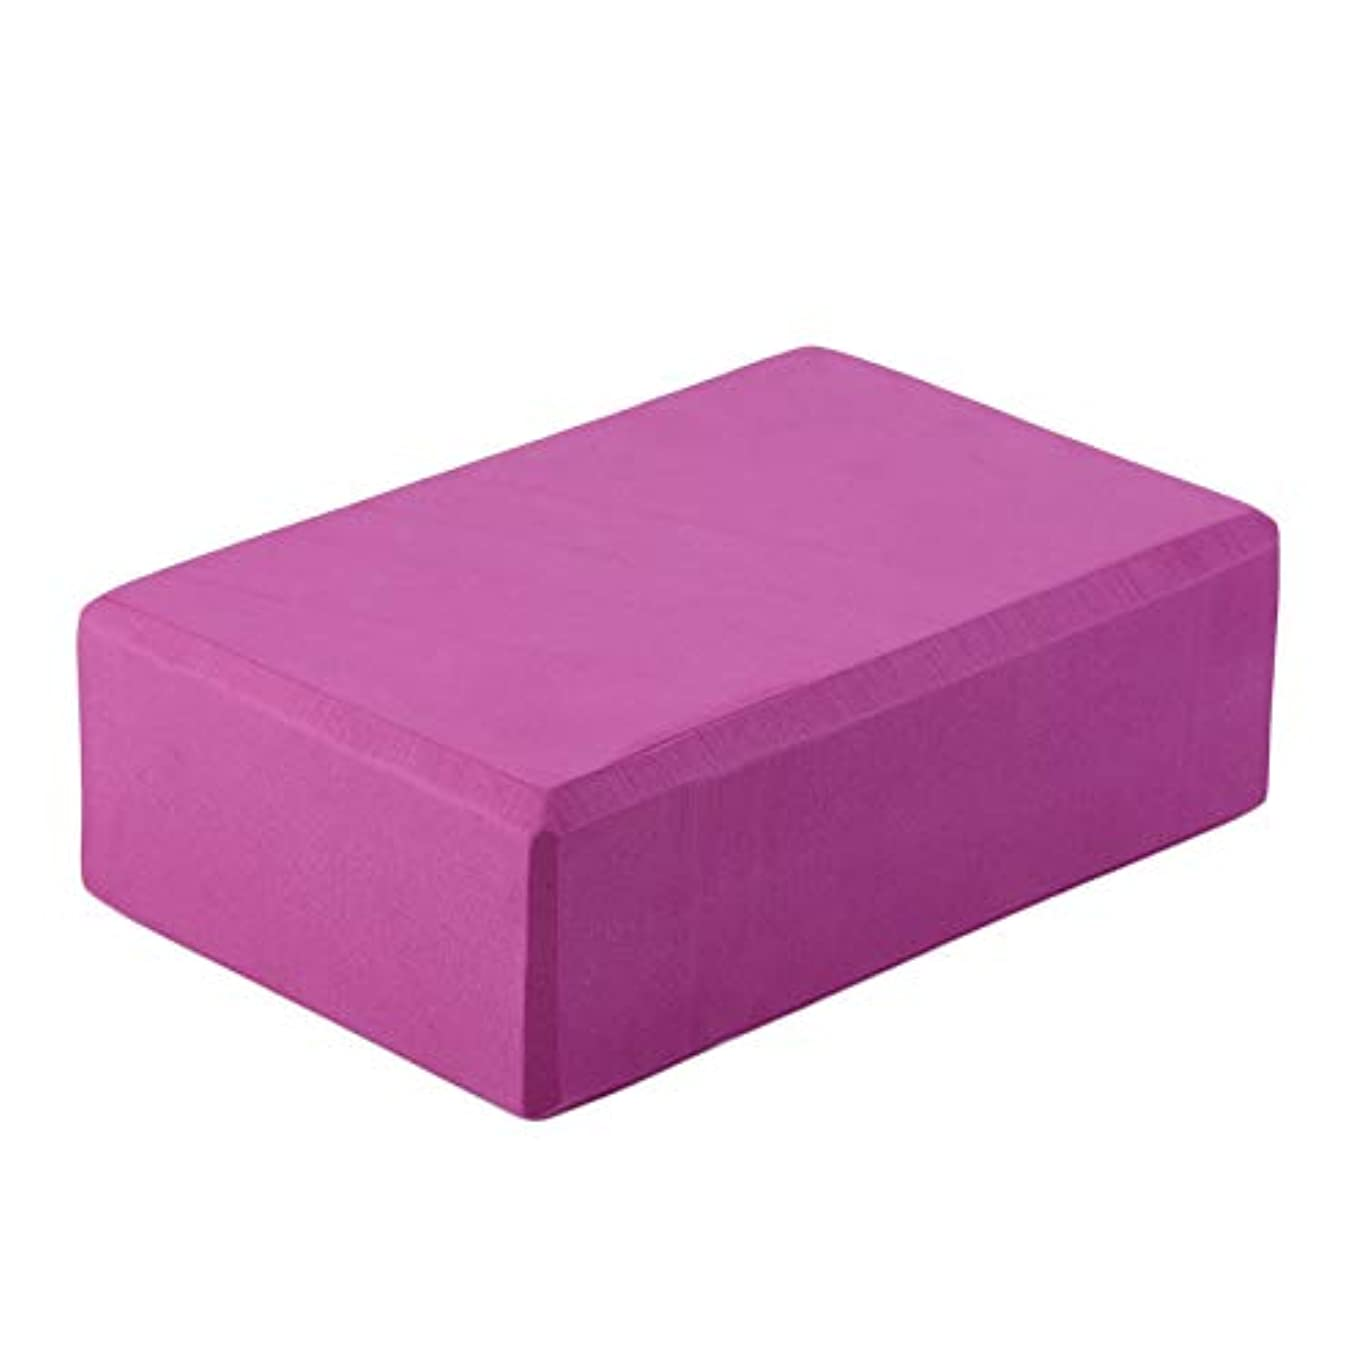 サロン吸収するマニアホームエクササイズツール良い材料EVAヨガブロックレンガ泡スポーツ用具